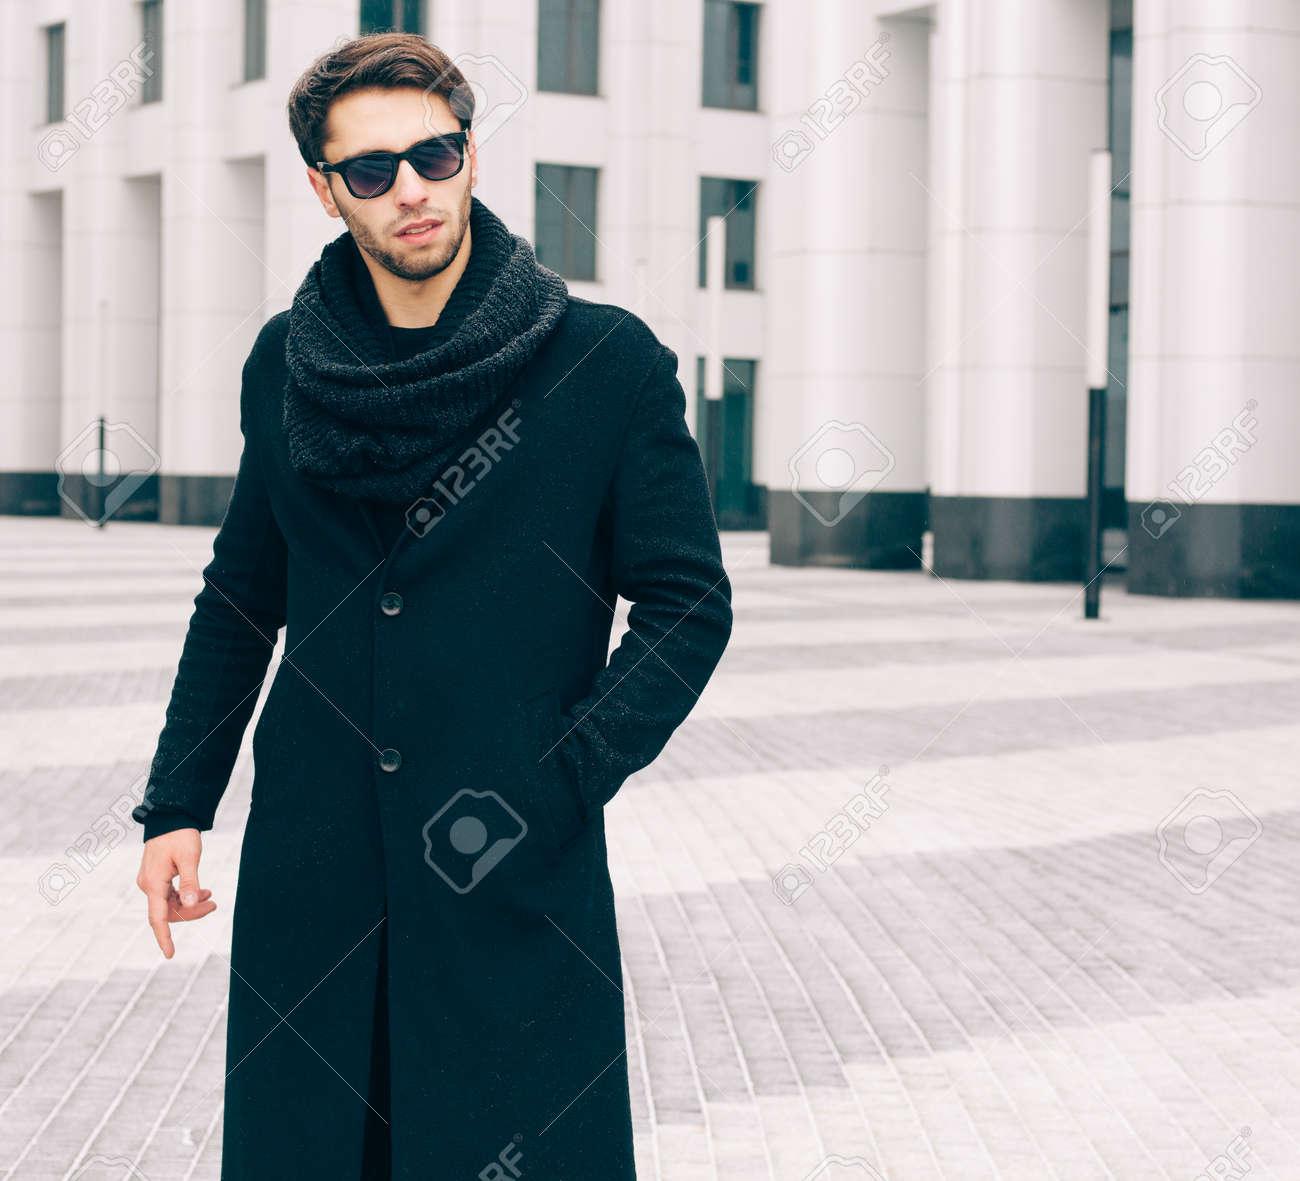 plus récent artisanat de qualité vêtements de sport de performance Mode et Style. Un jeune homme en manteau noir à la mode, lunettes de soleil  et snood posant sur la rue des affaires. De plein air.